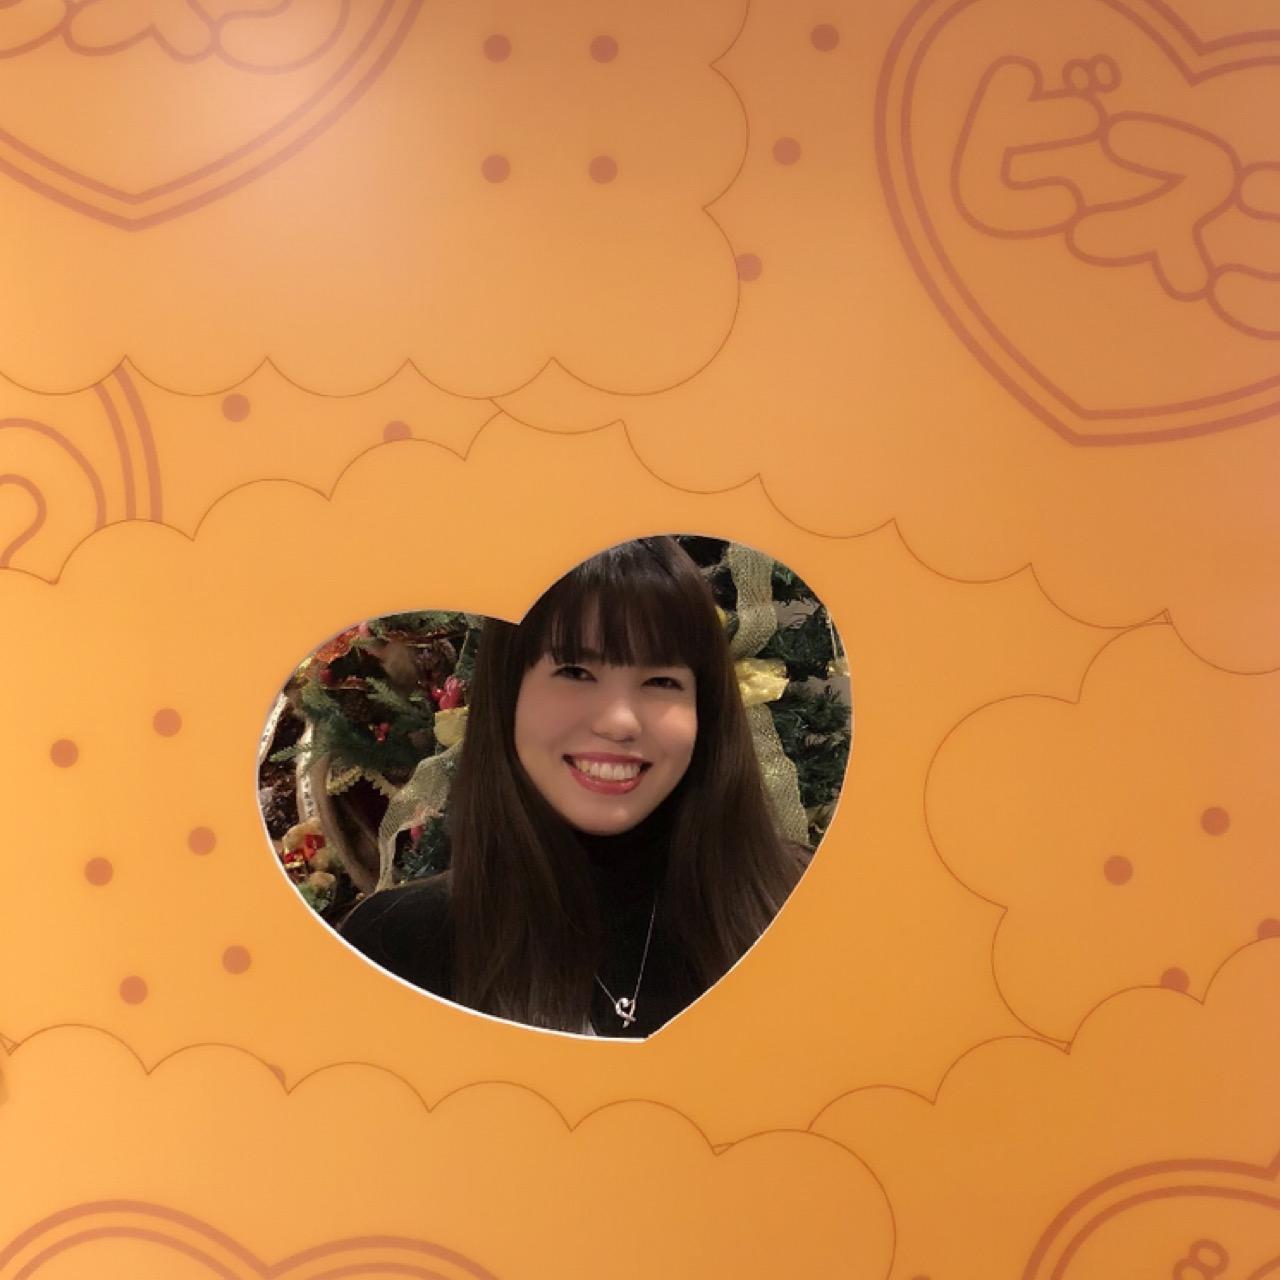 """ビスコLOVERが集まるクローズドイベント!""""ビスコ クリスマスファンミーティング""""に参加してきました♡_7"""